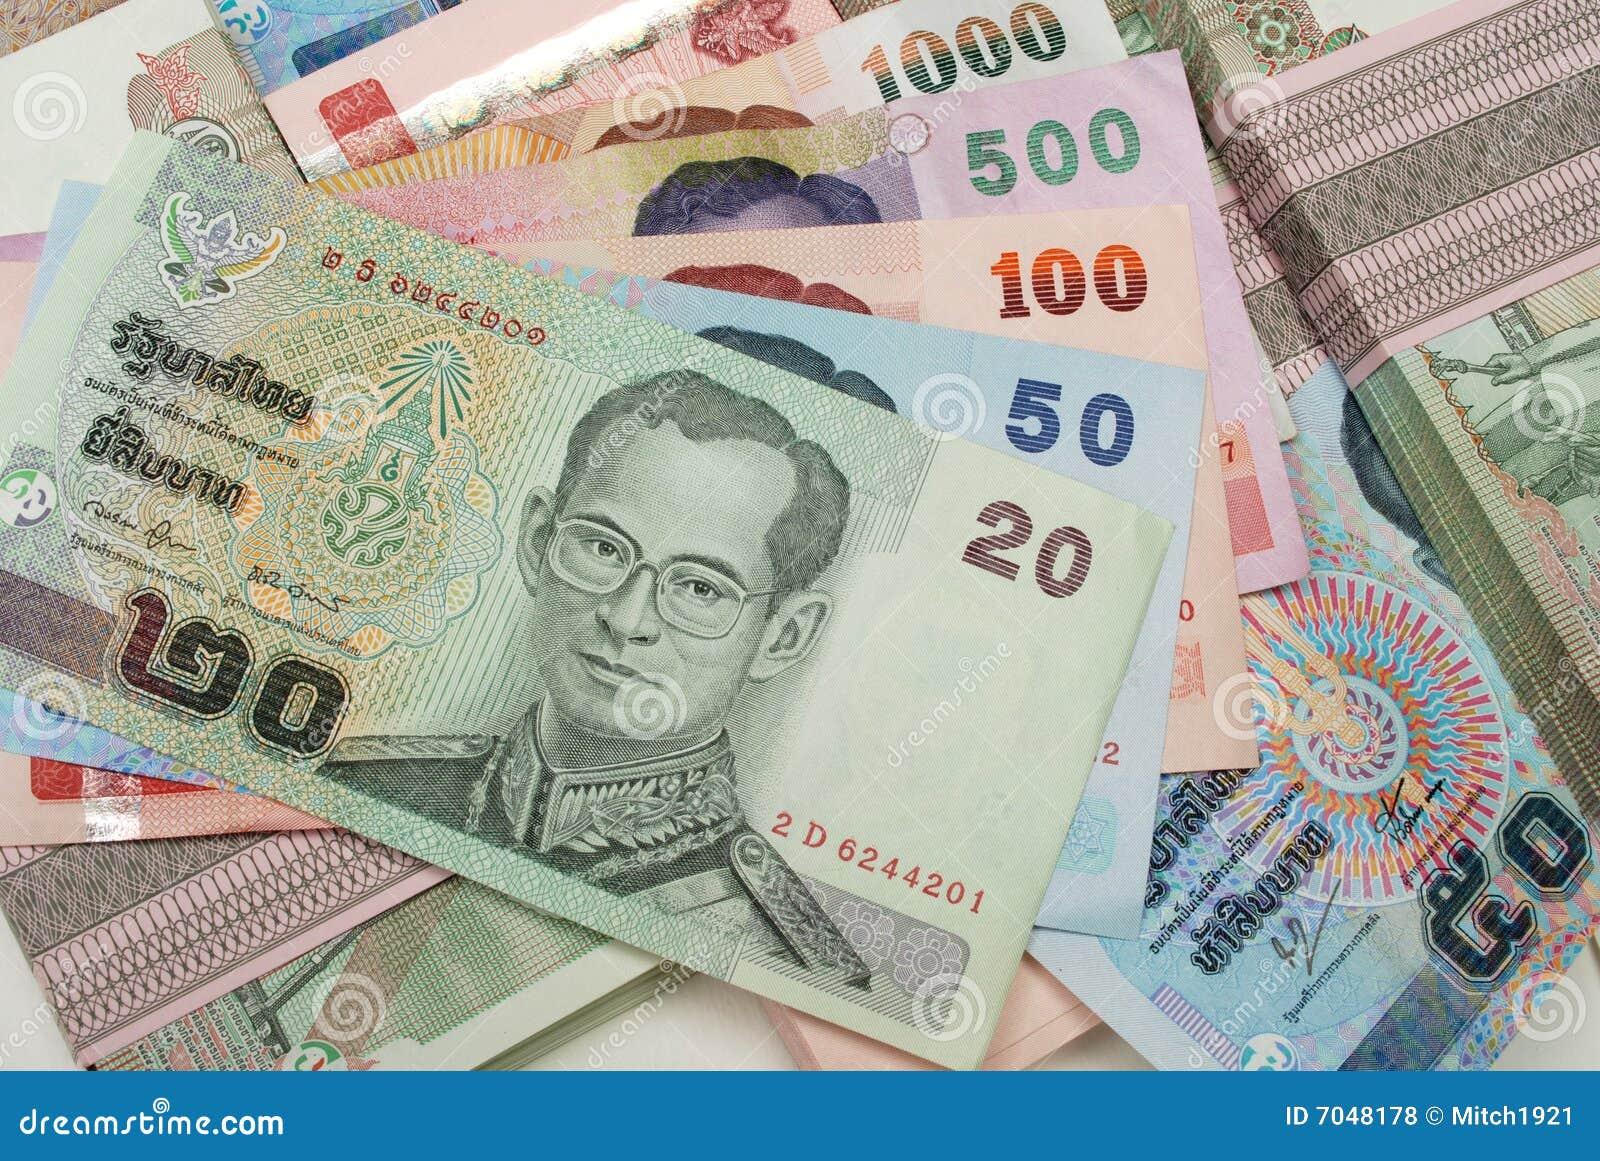 geld verdienen in thailand